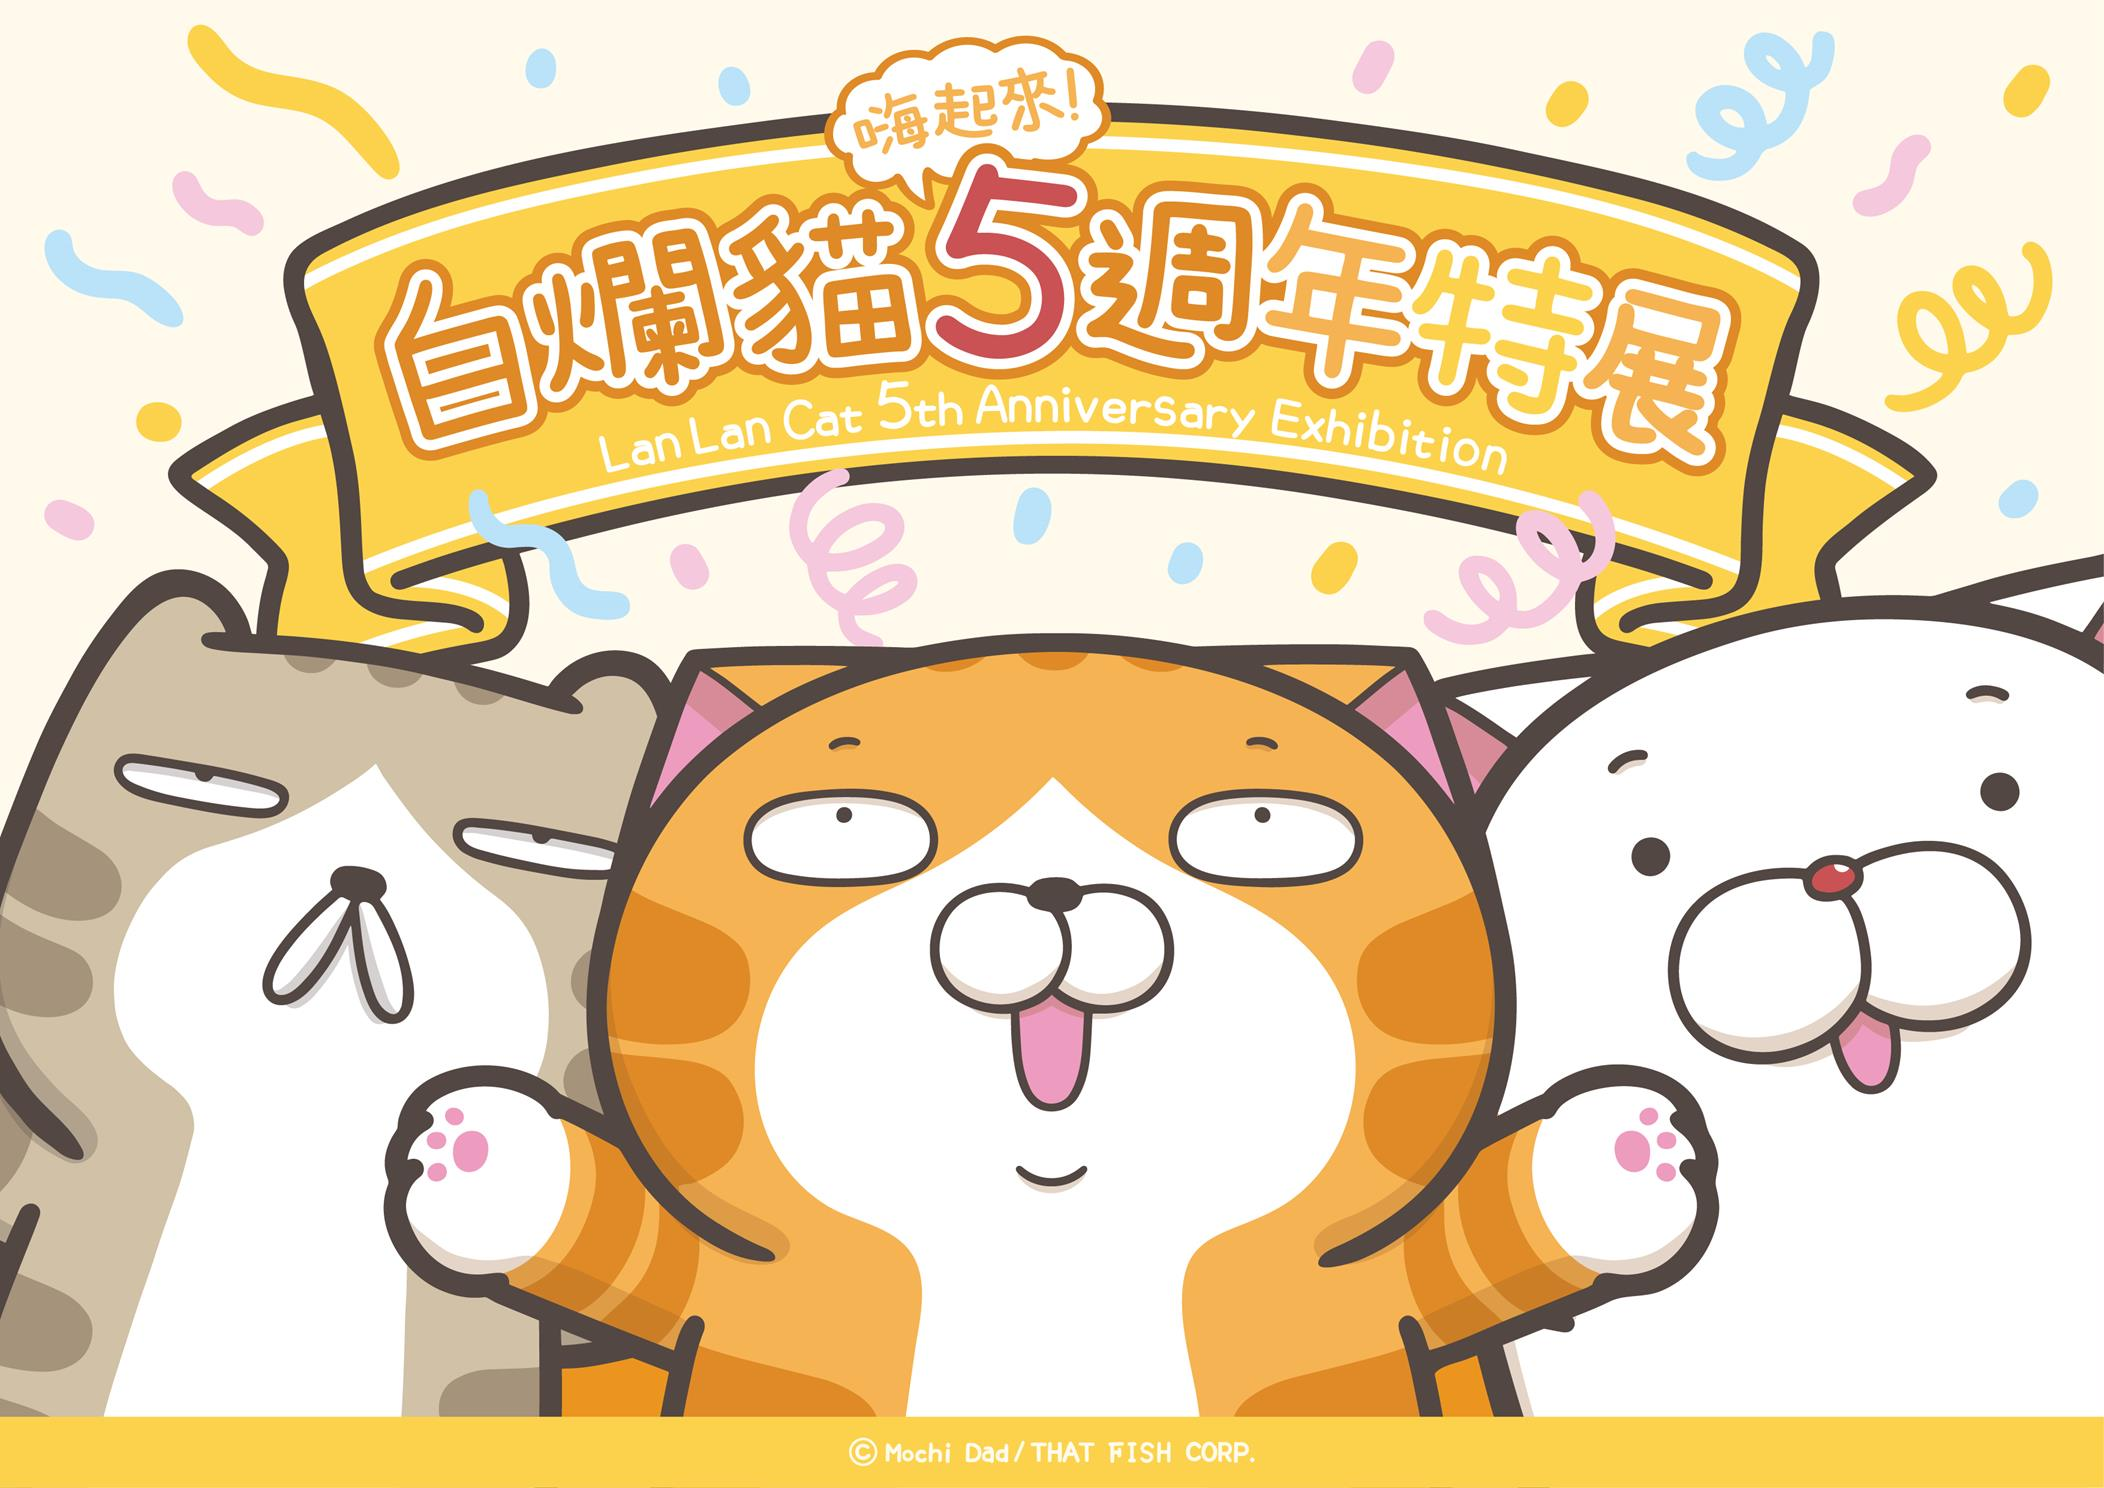 【嗨起來!白爛貓5週年特展】預售票購買方式、票價、13展區、周邊商品